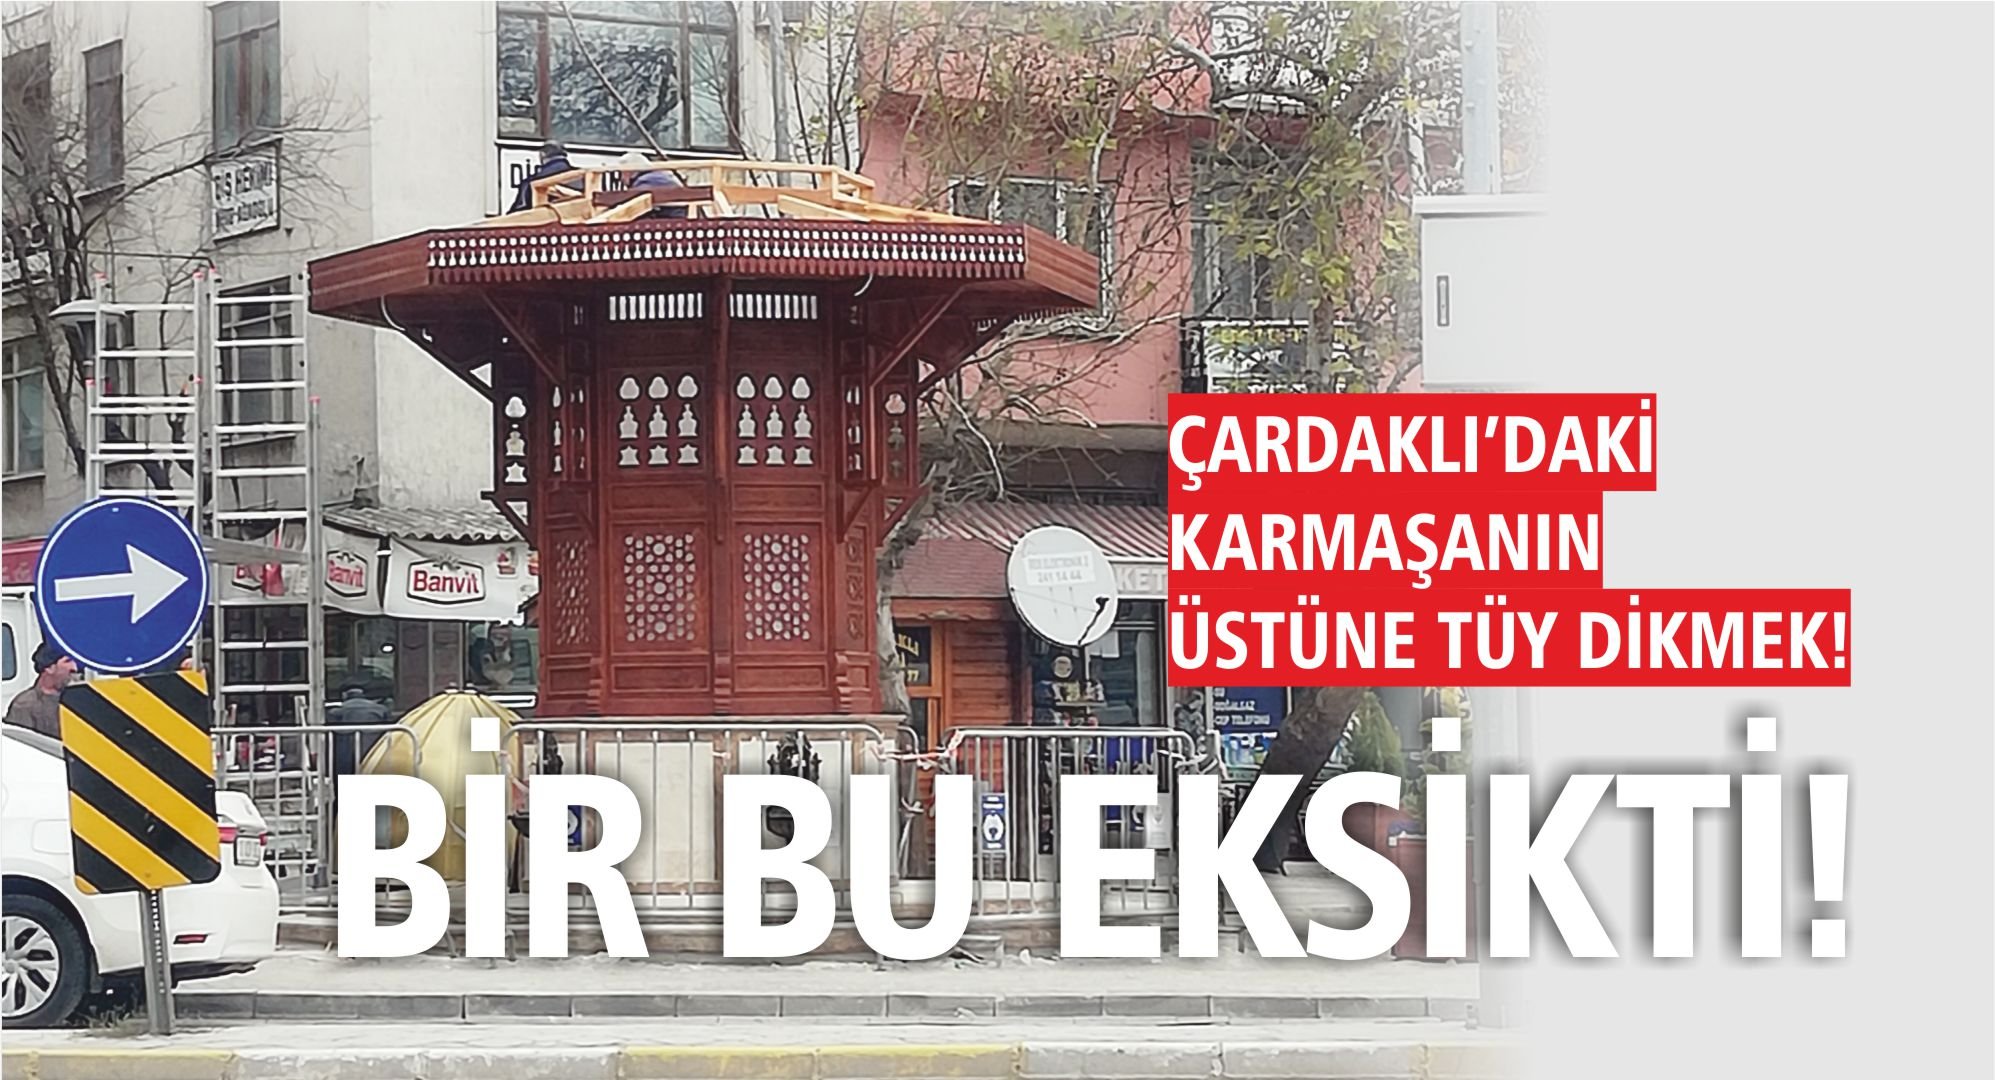 ÇARDAKLI'DAKİ KARMAŞANIN ÜSTÜNE TÜY DİKMEK!